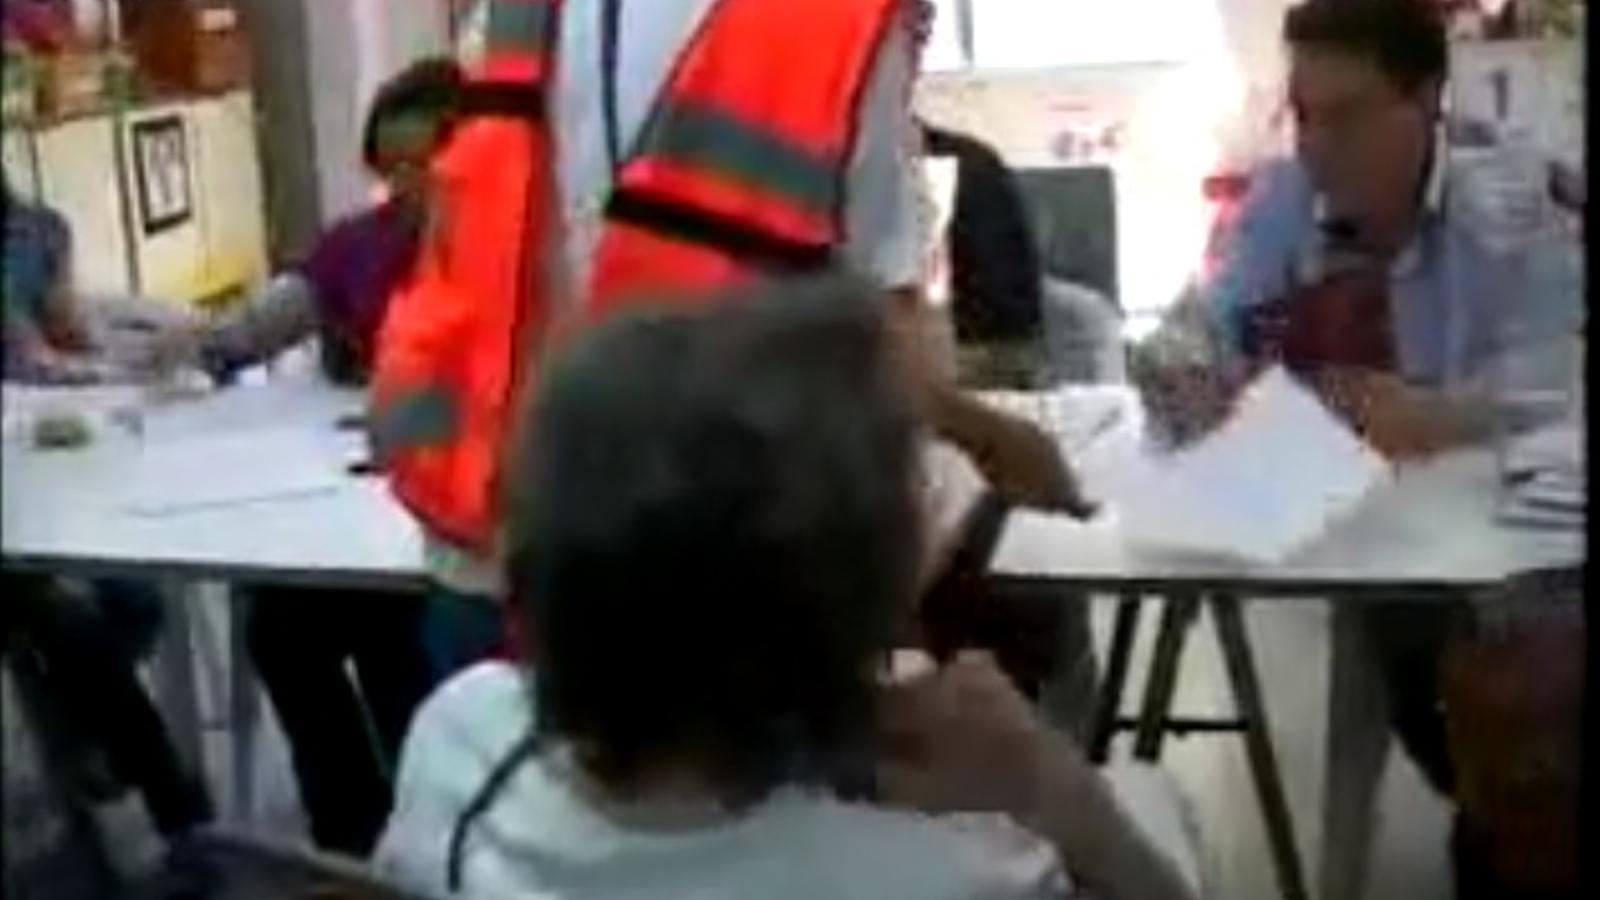 Una candidata del PP intenta invalidar el vot d'una dona amb discapcitat física, en rebre ajuda per votar